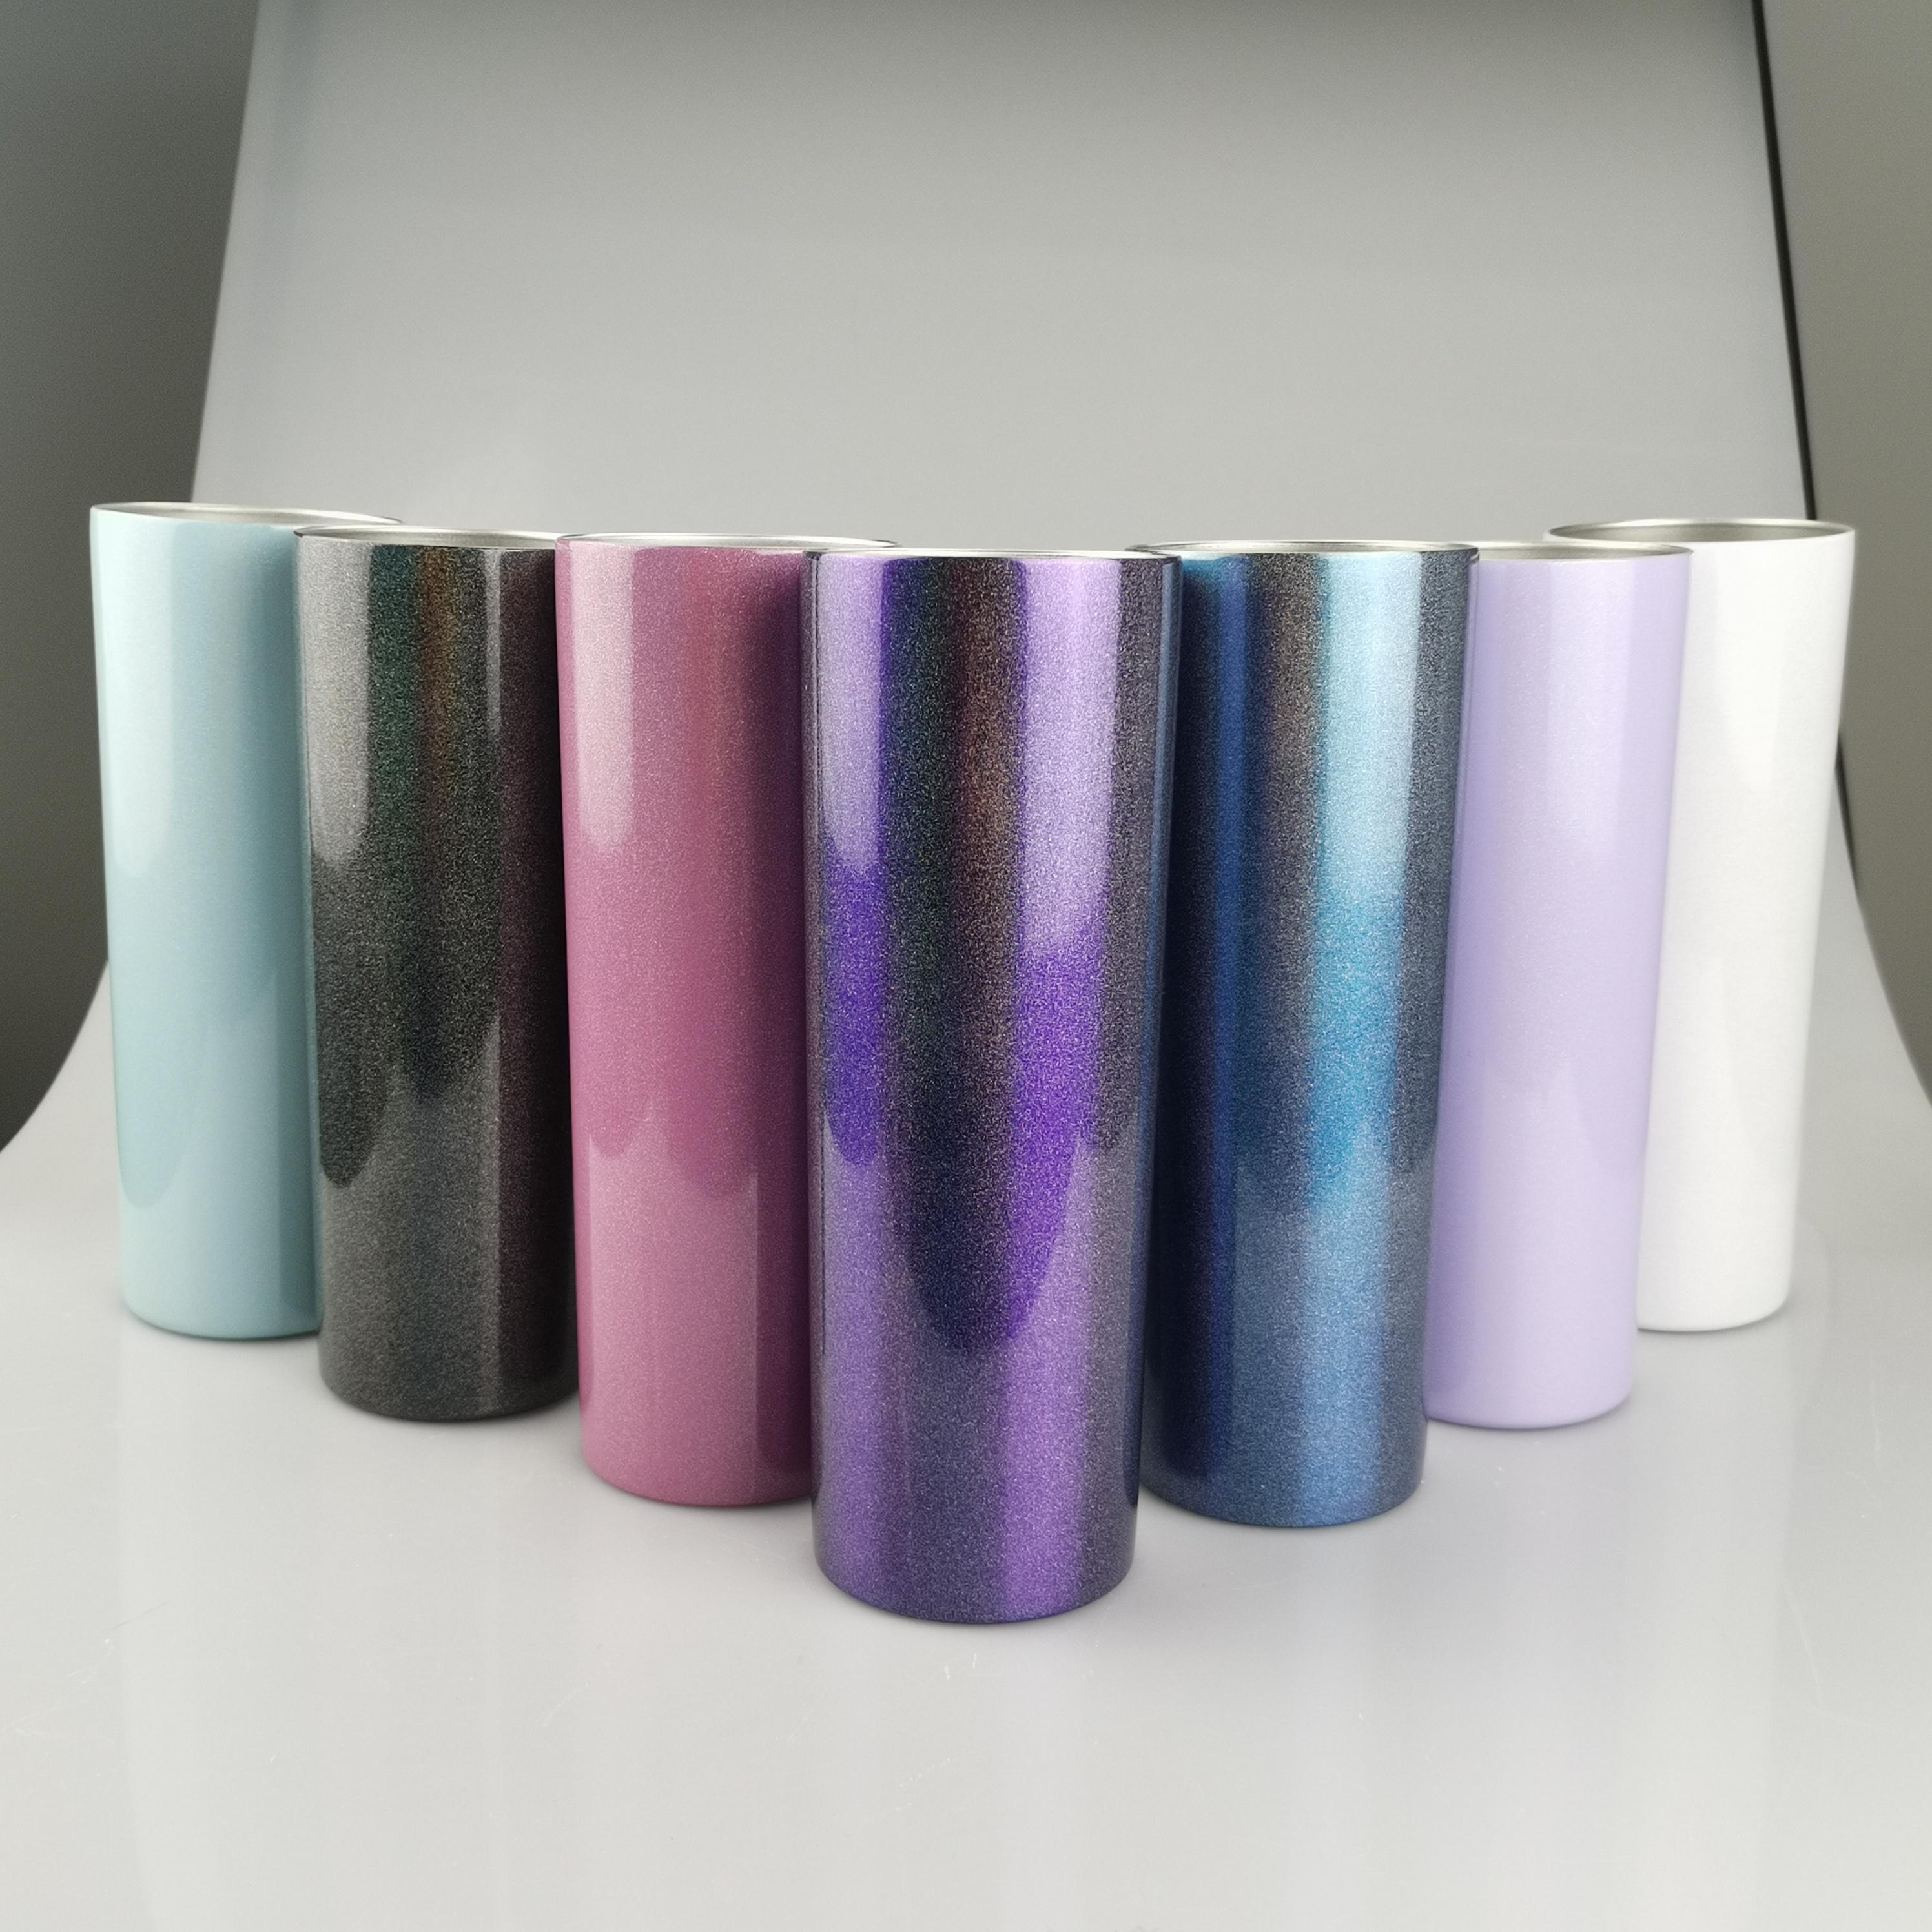 20oz Sublimação Glitter Tumbler aço inoxidável de aço inoxidável tumbler parede dupla parede de vácuo garrafa de água isolamento de café com tampa A02